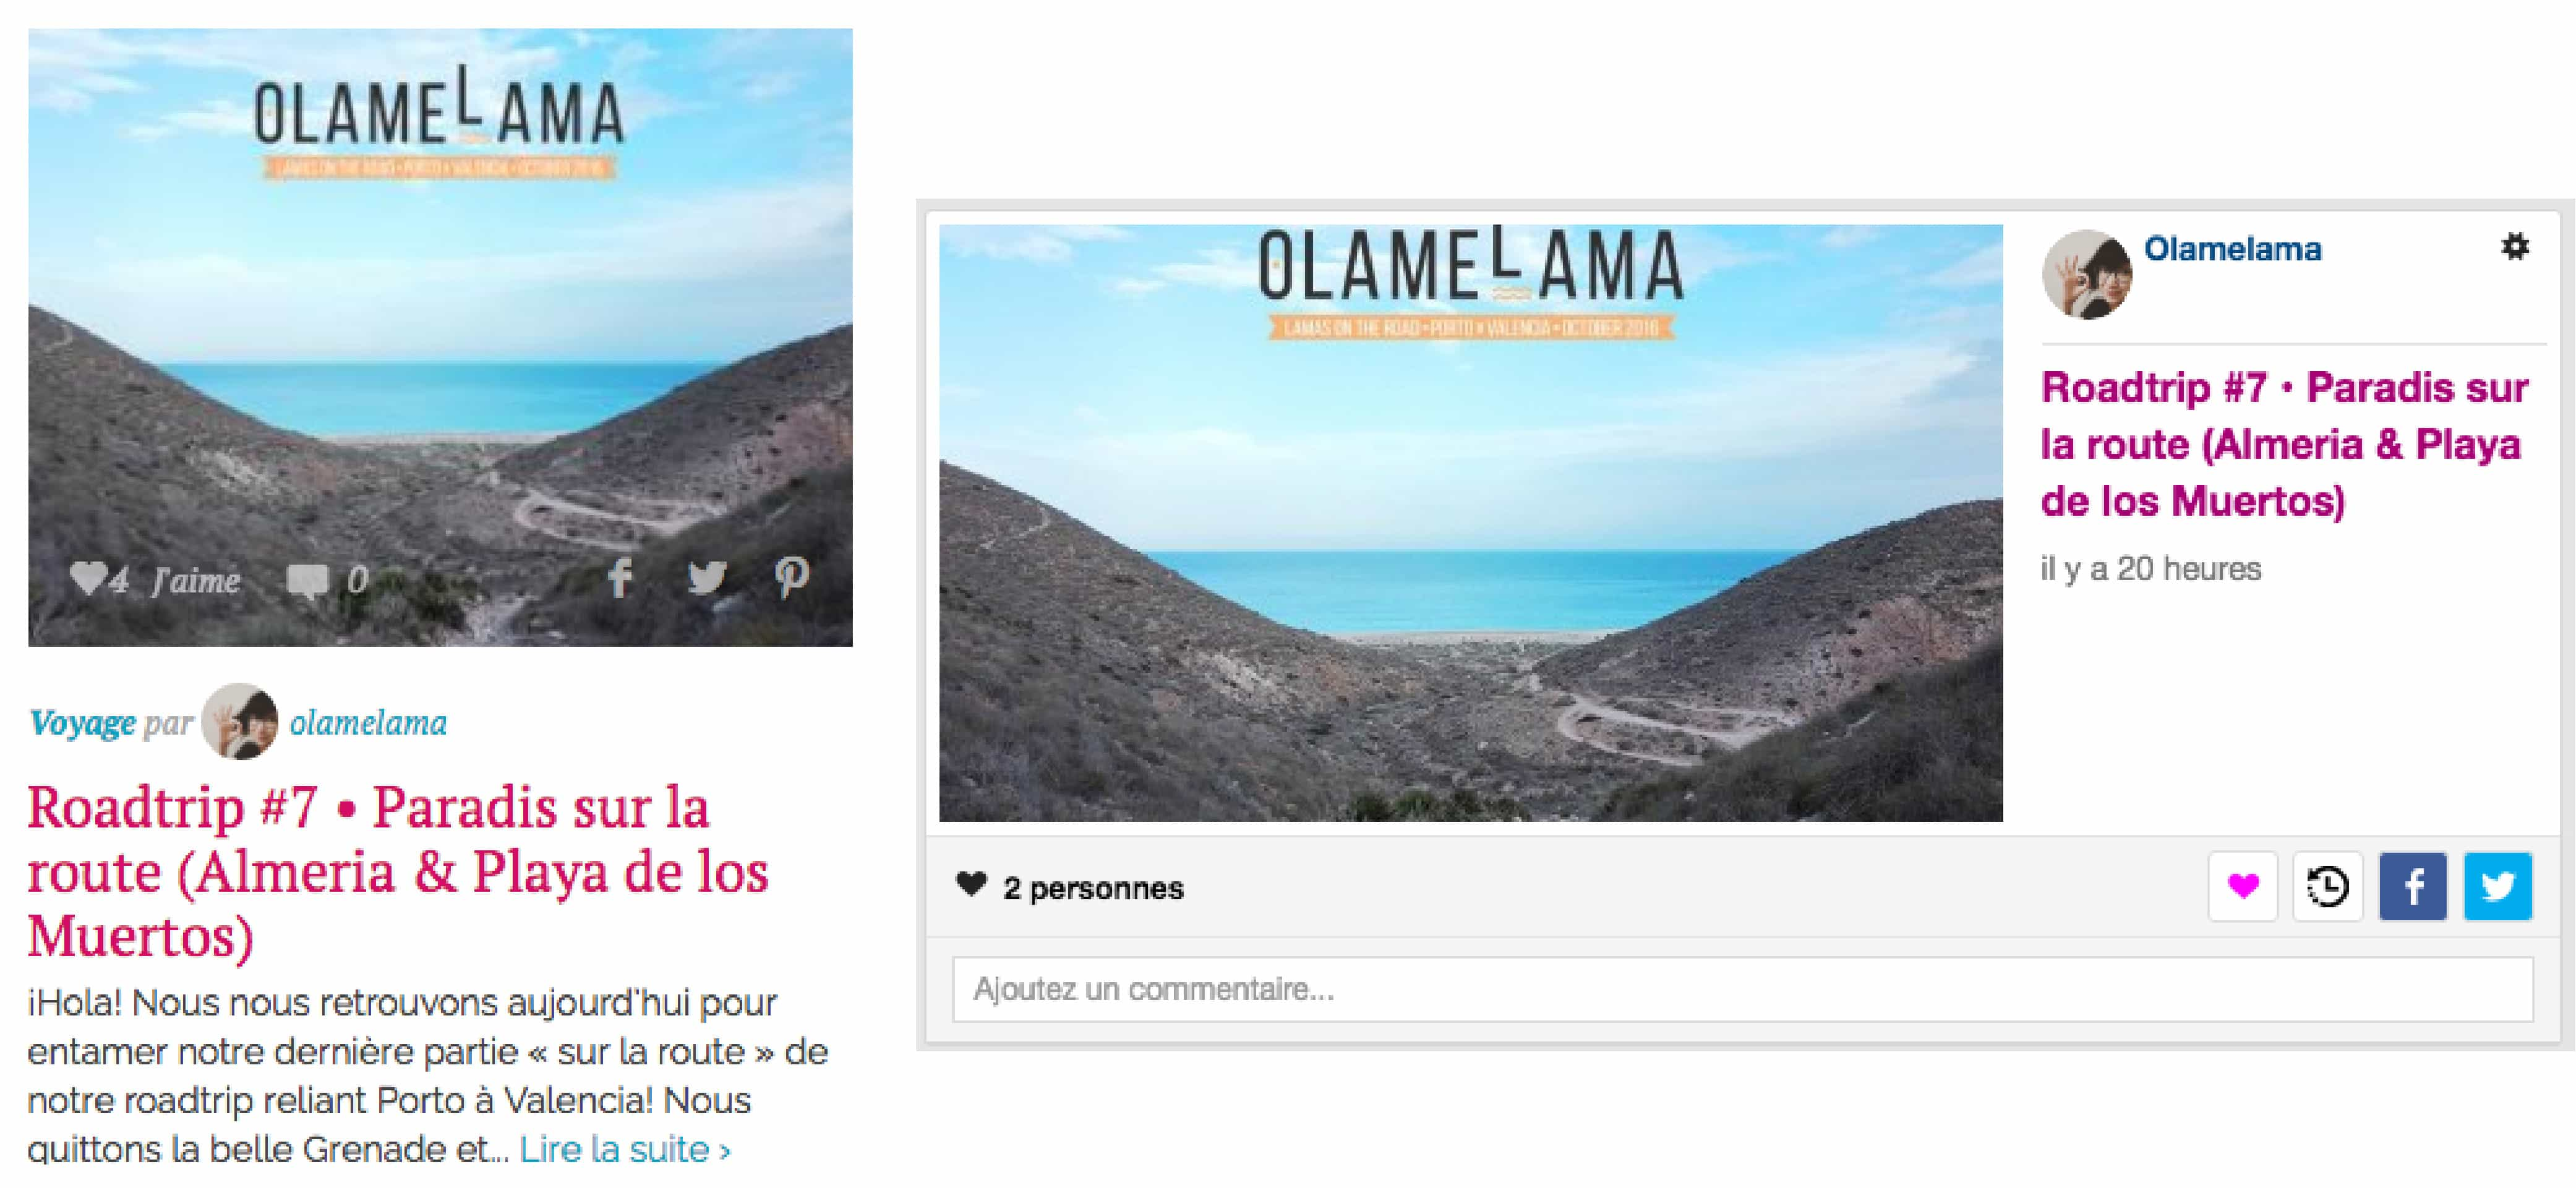 Olamelama selectionné sur Hellocoton et Inspilia ce 29.11.2016